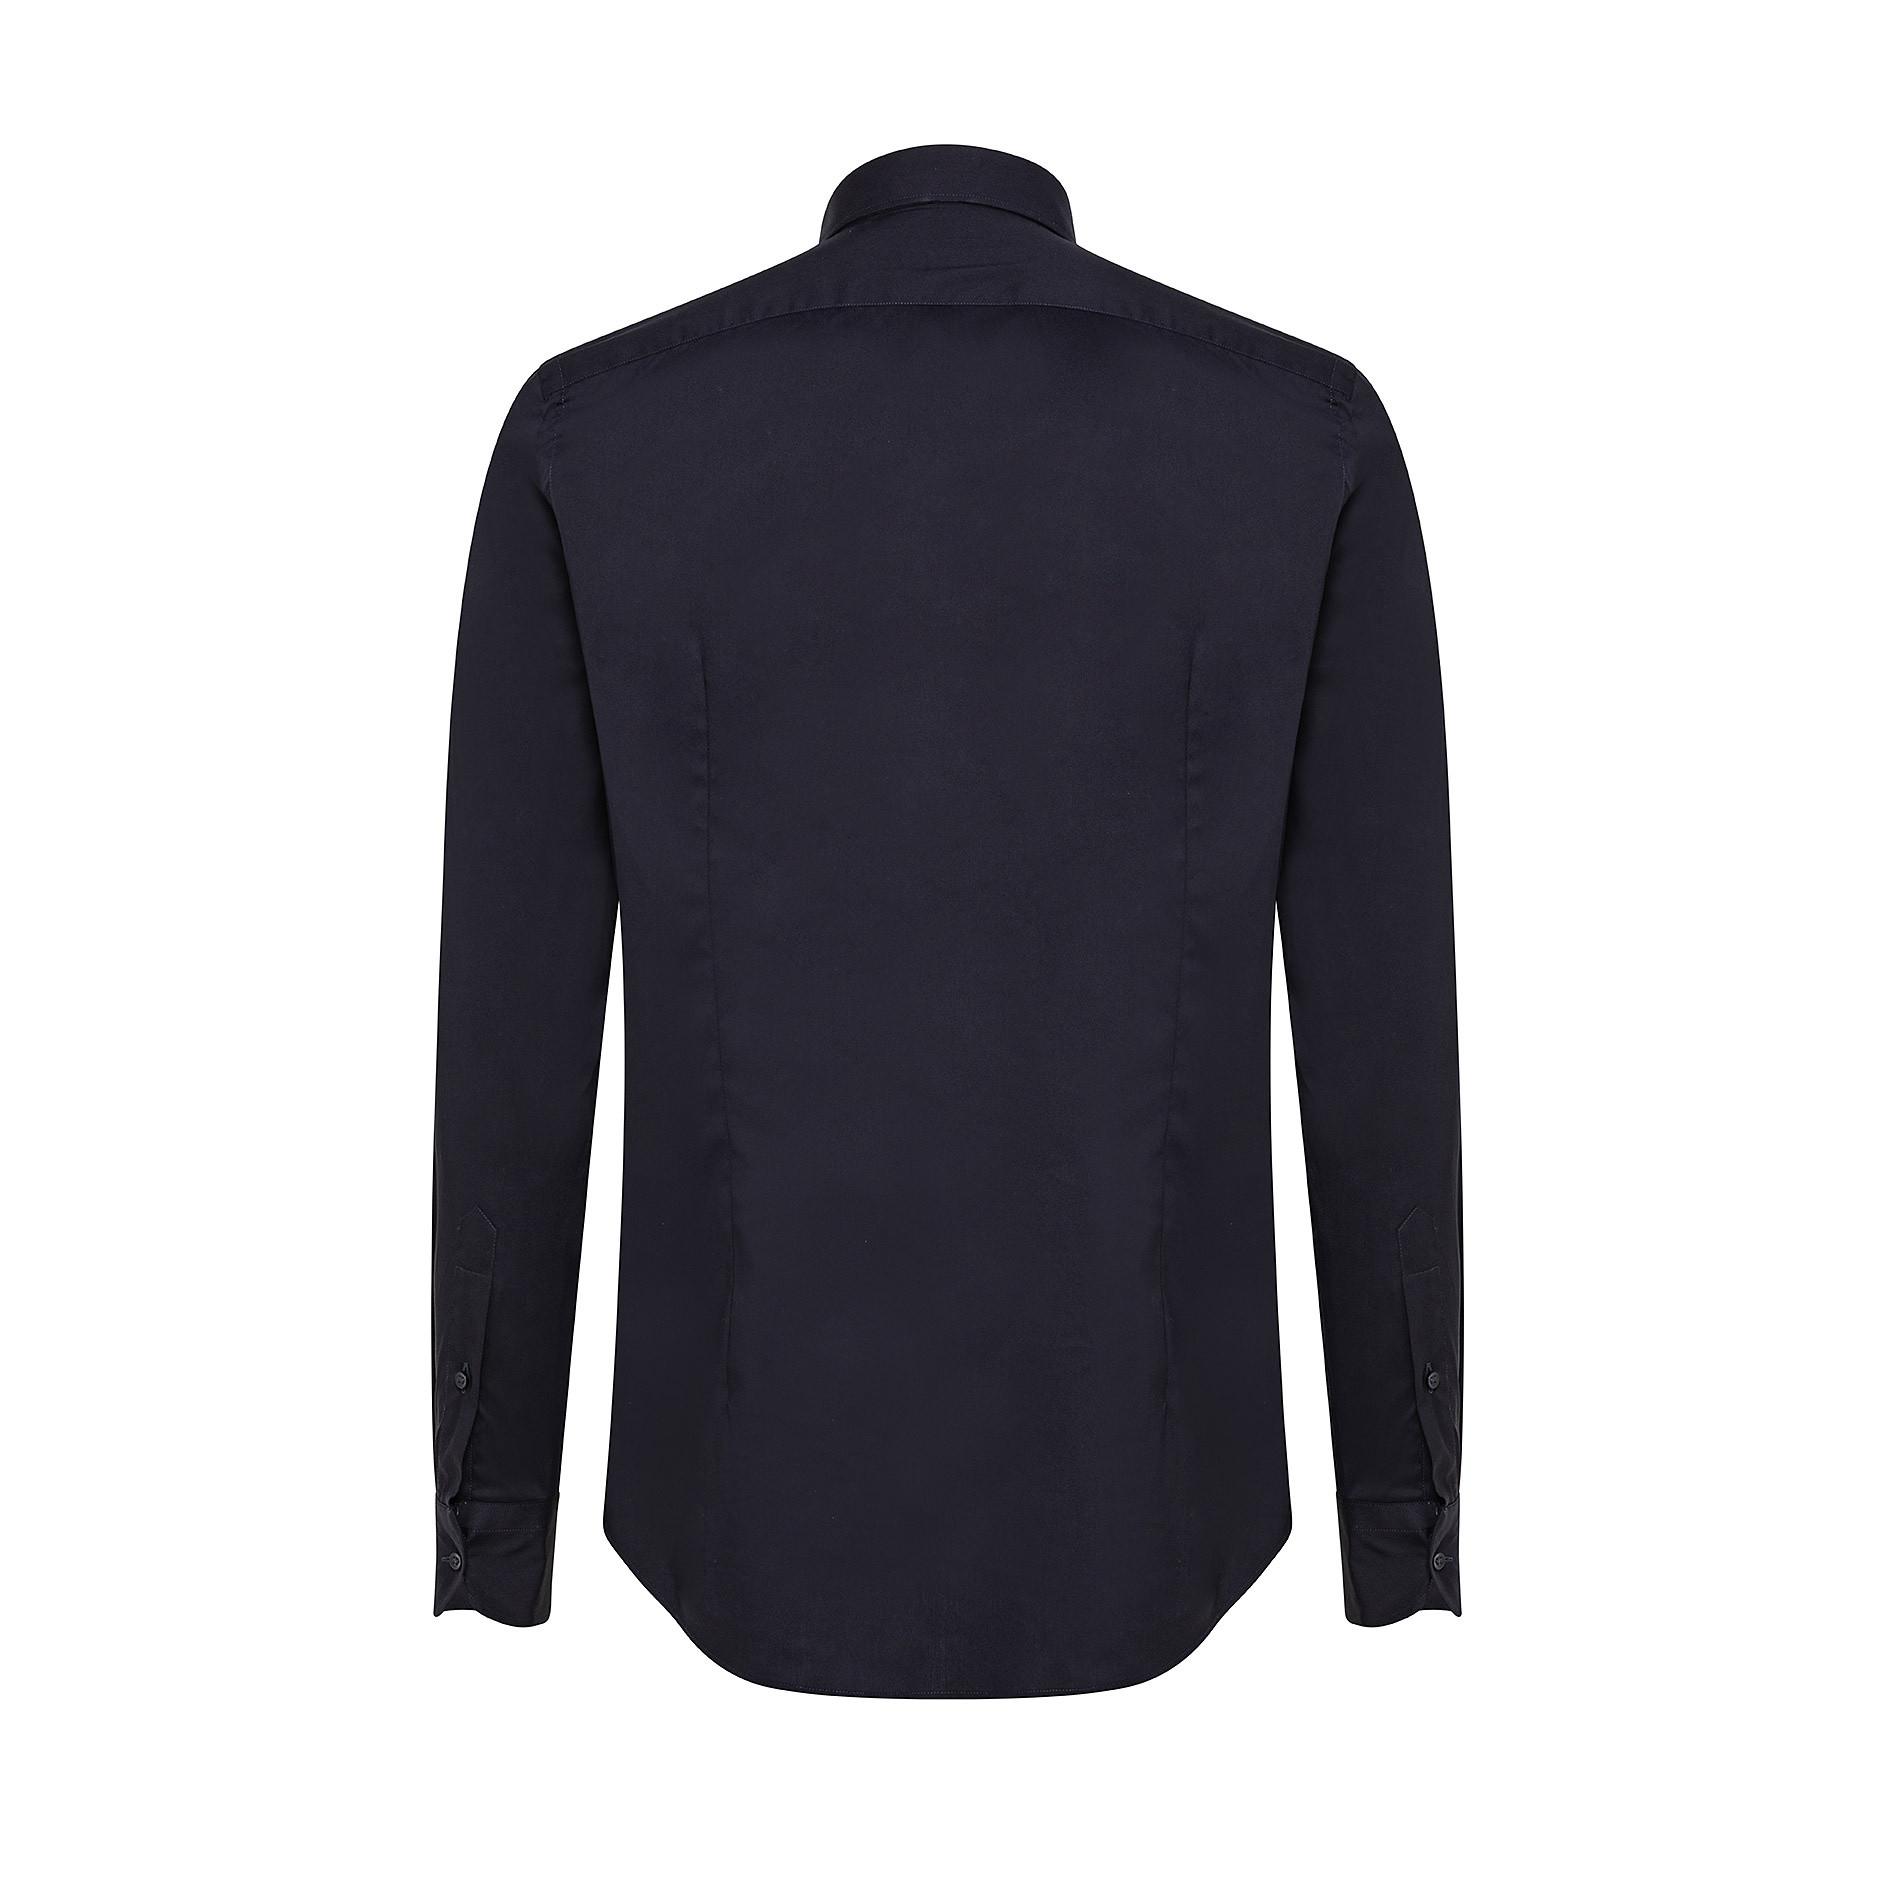 Camicia button-down popeline di cotone, Blu scuro, large image number 1